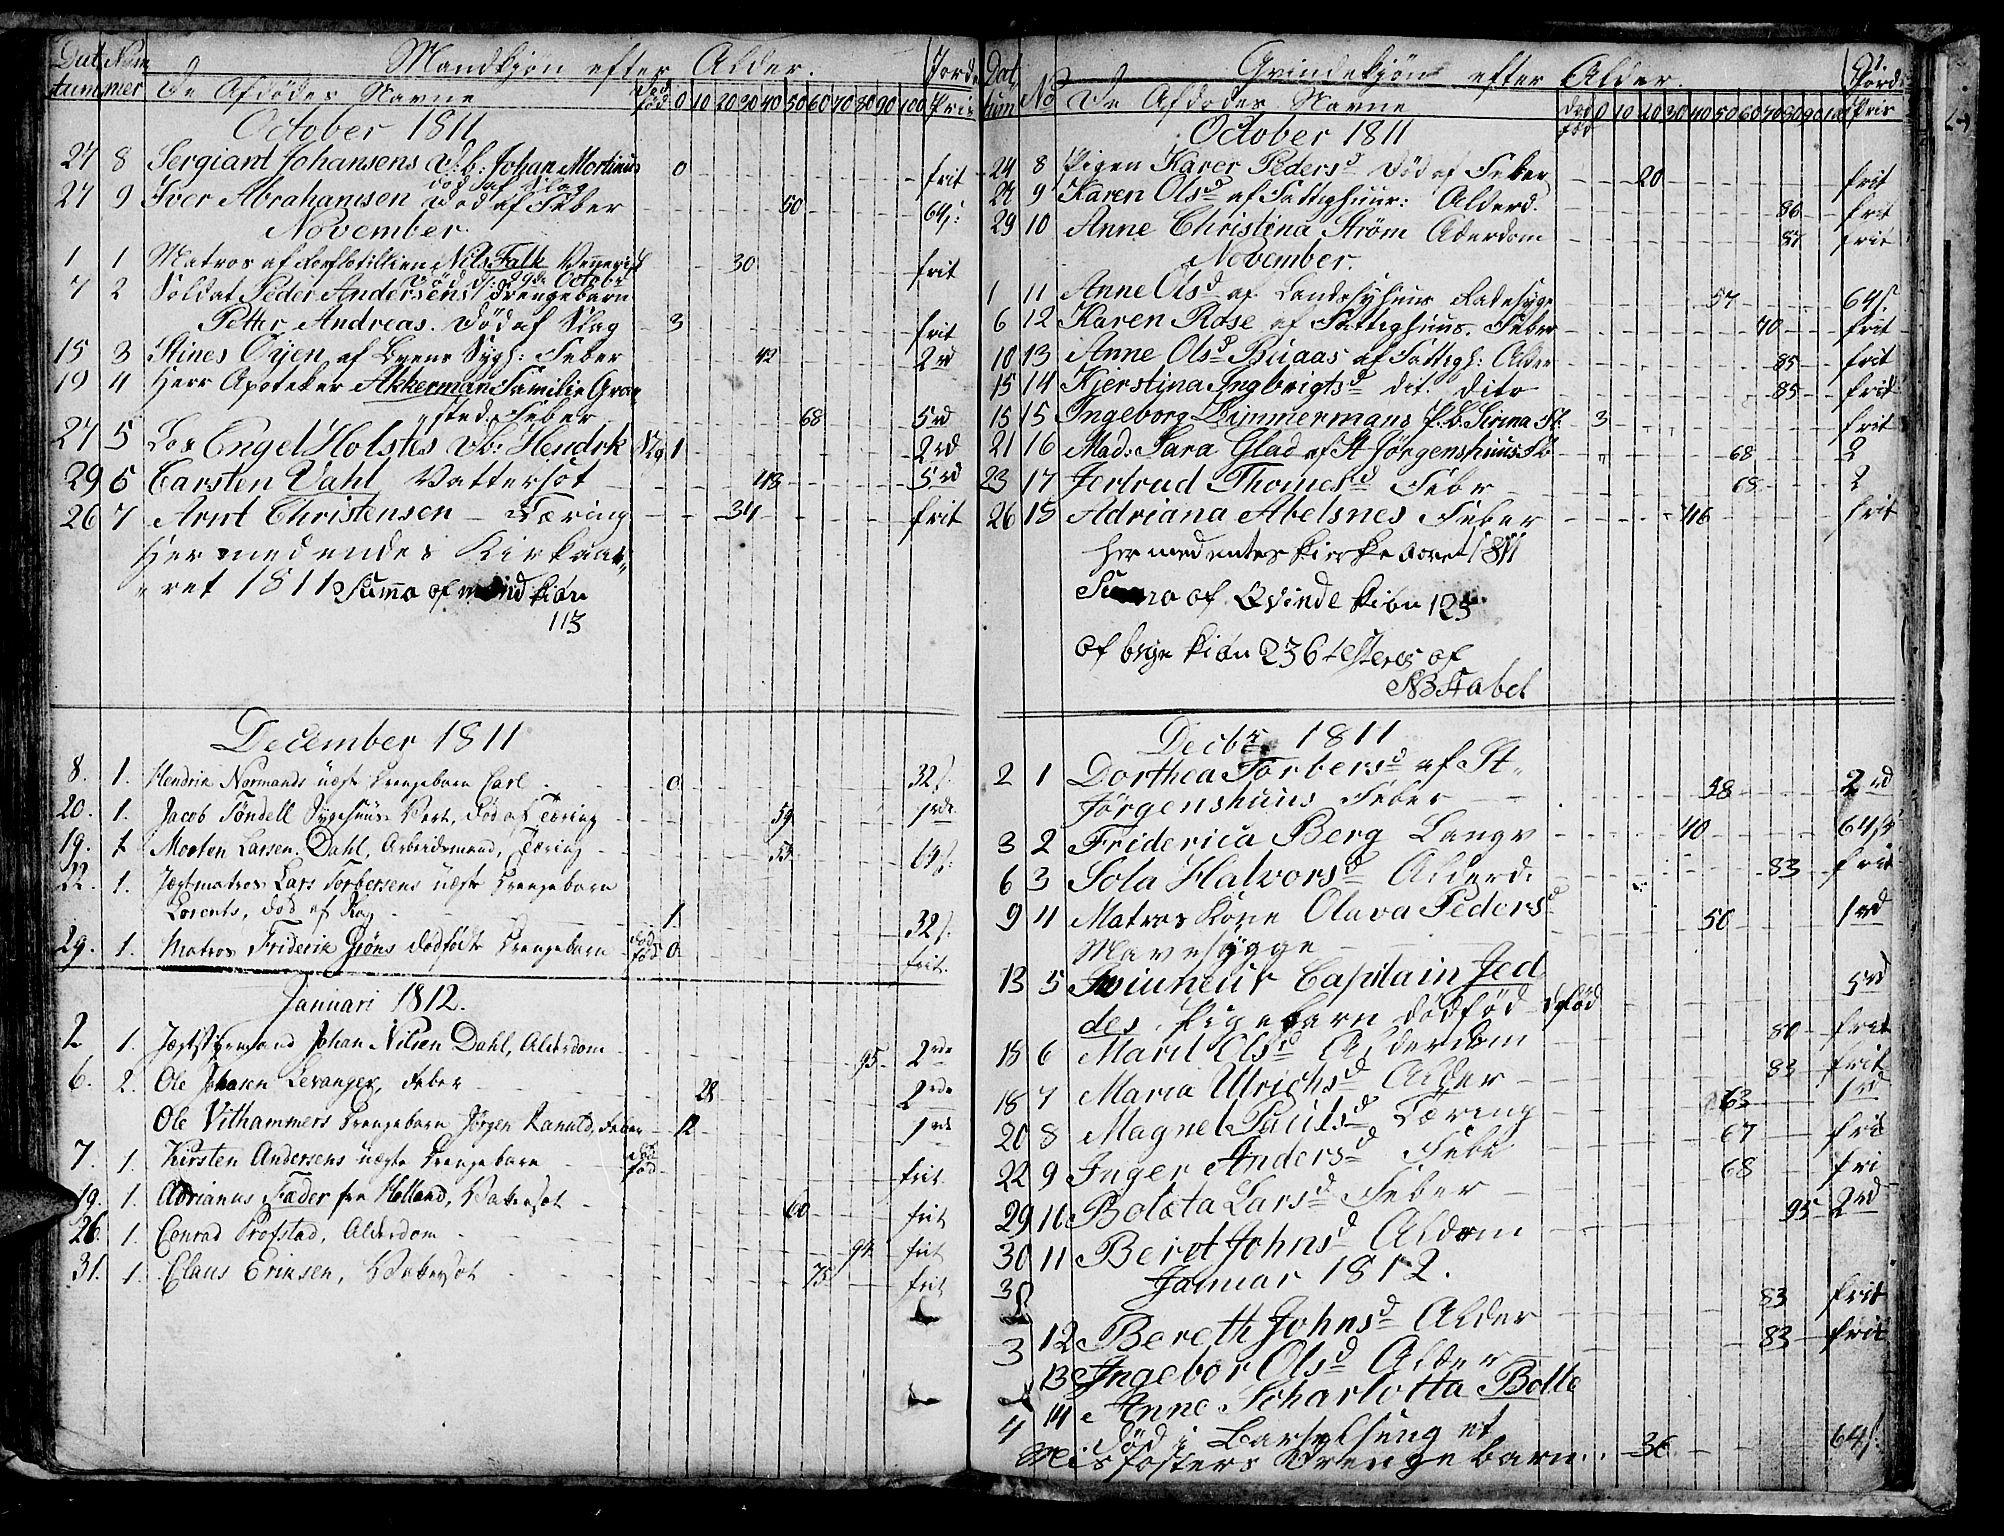 SAT, Ministerialprotokoller, klokkerbøker og fødselsregistre - Sør-Trøndelag, 601/L0040: Ministerialbok nr. 601A08, 1783-1818, s. 91